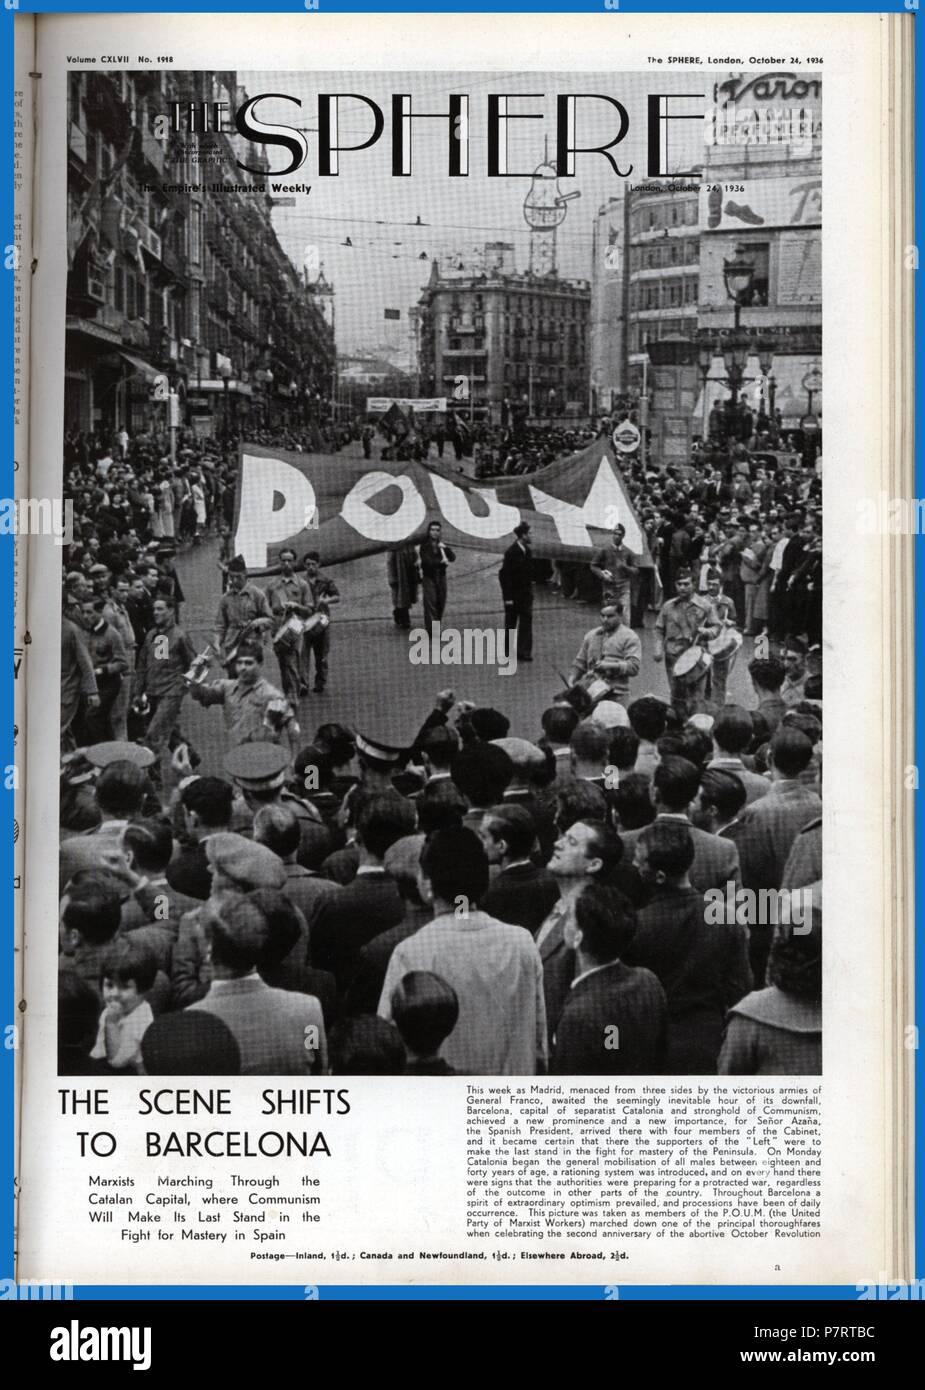 Entre comunistas te veas - Página 10 Espaa-guerra-civil-1936-1939-portada-del-semanario-ilustrado-the-sphere-editado-en-londres-octubre-de-1936-manifestacin-del-poum-en-barcelona-P7RTBC